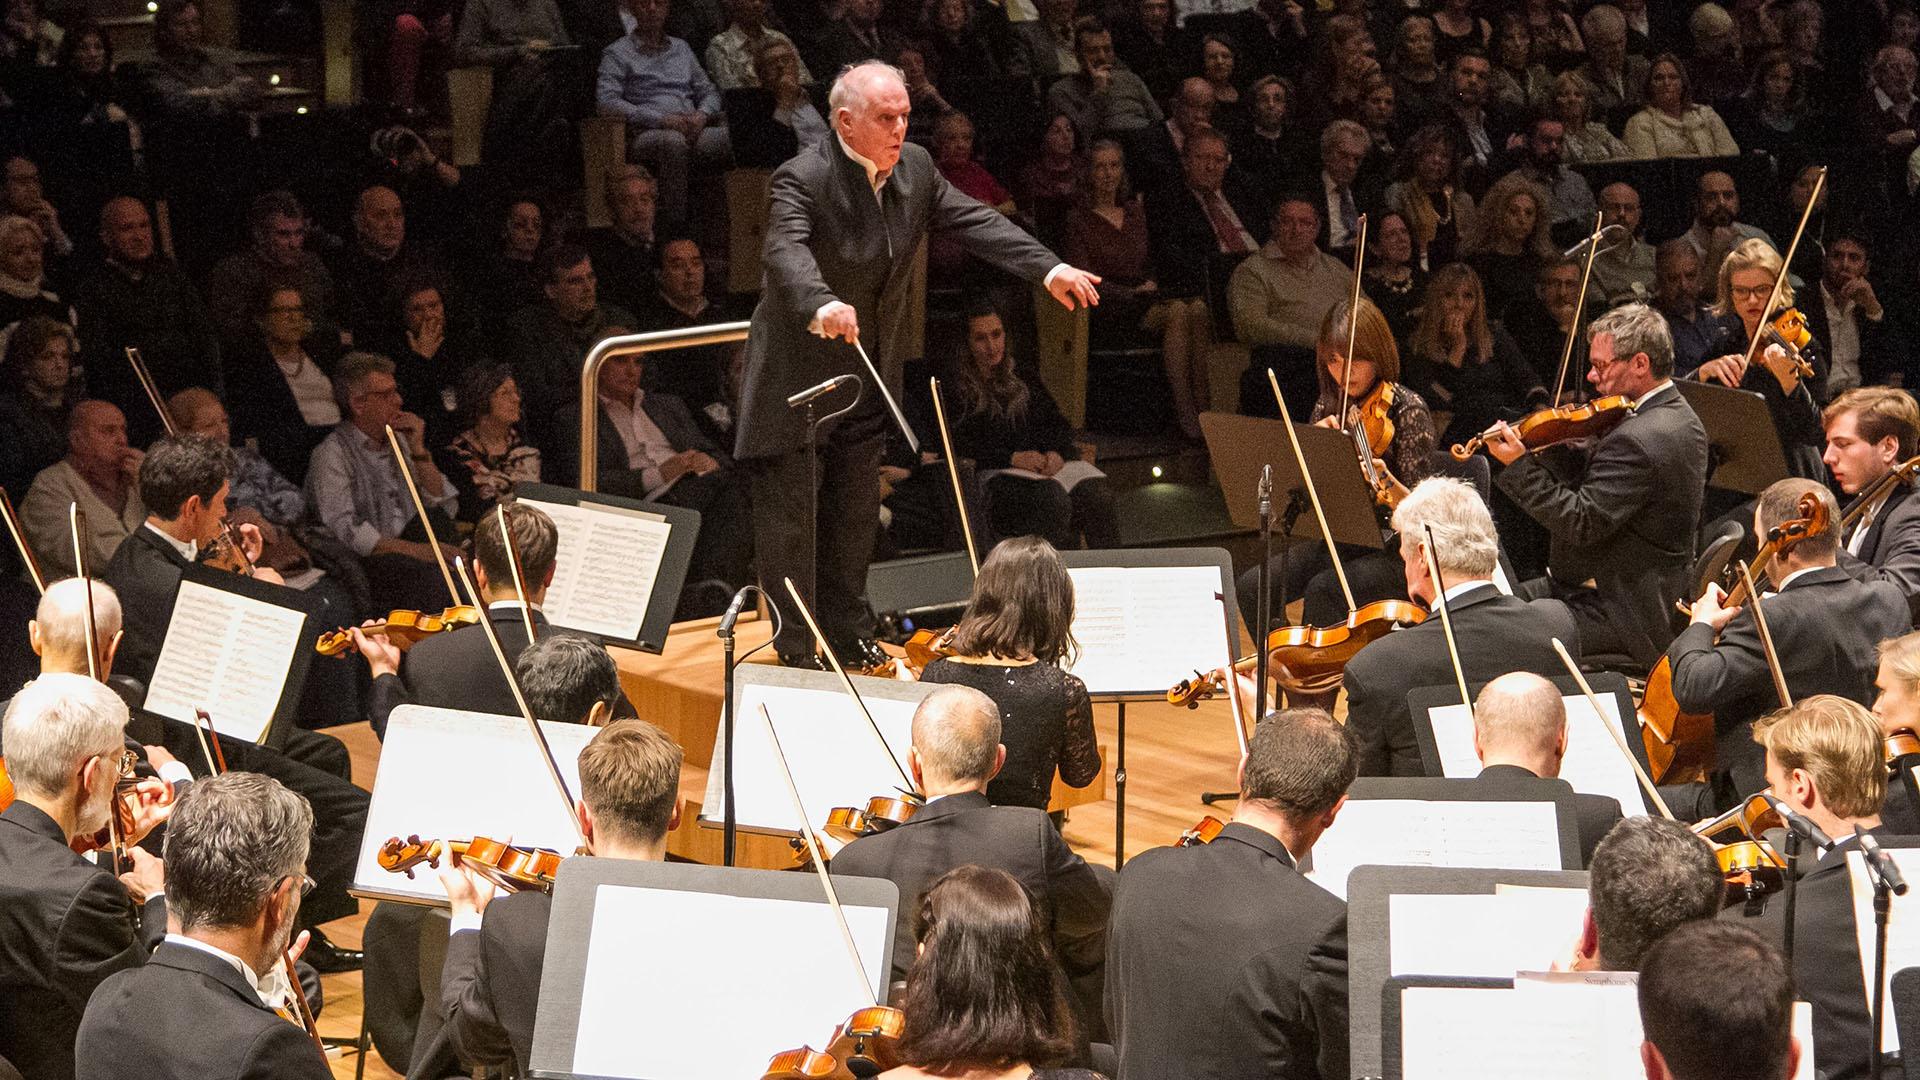 En el marco del Festival Bareinbom, el gran maestro estuvoal frente de la orquesta en dos ciclos completos de las sinfonías de Johannes Brahms: se escucharon la n° 1 en do menor, opus 68, y la n° 2 en re mayor, opus 73; también, la n° 3 en fa mayor, opus 90, y la n° 4 en mi menor, opus 98